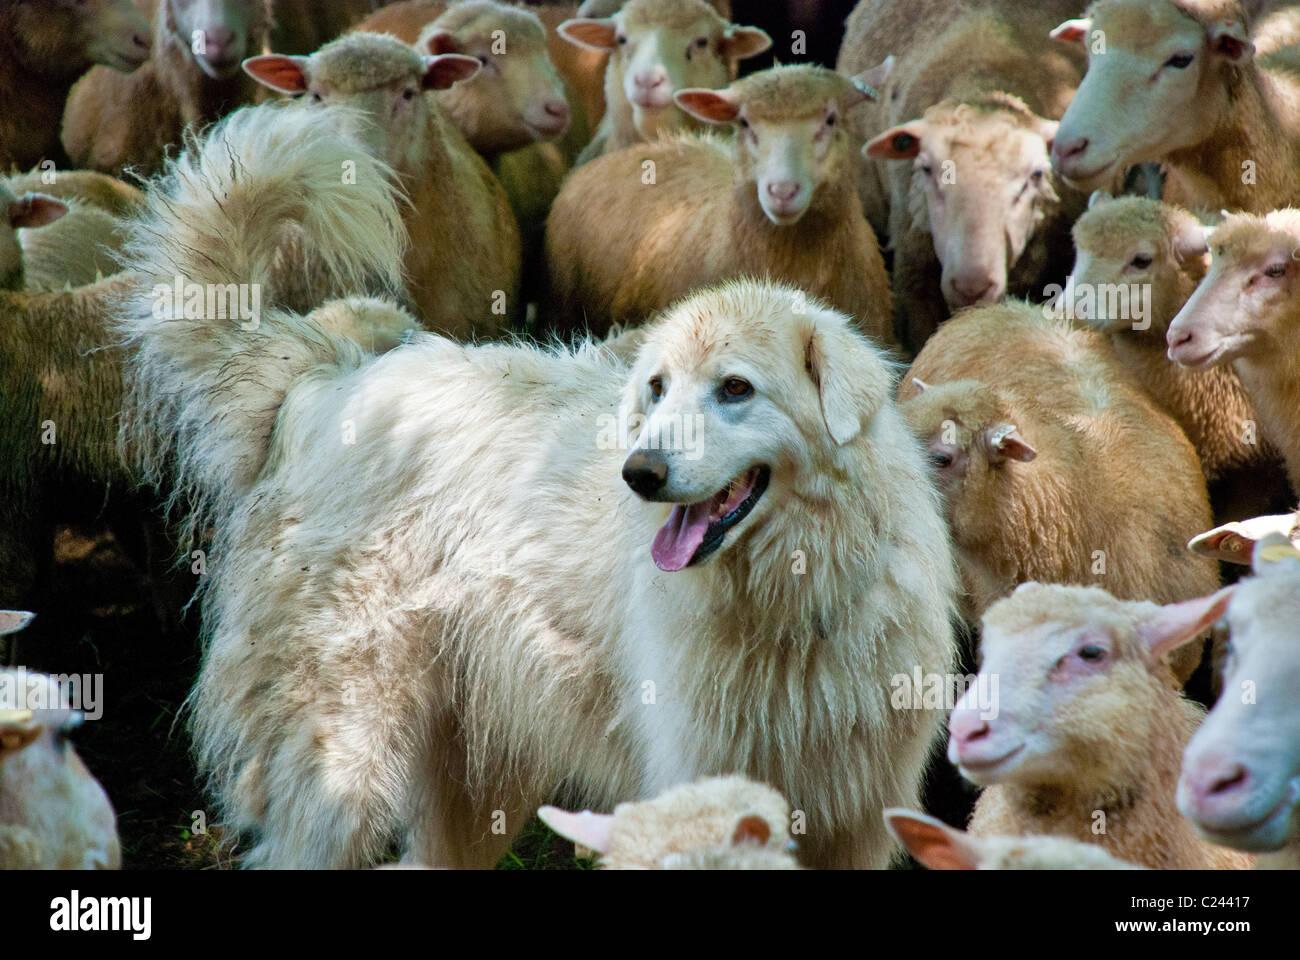 Maremma Ovejero Finn-Dorset pastoreo ovino, Stone Barns Center para la alimentación y la agricultura, Pocantico Hills, Nueva York, EE.UU. Foto de stock